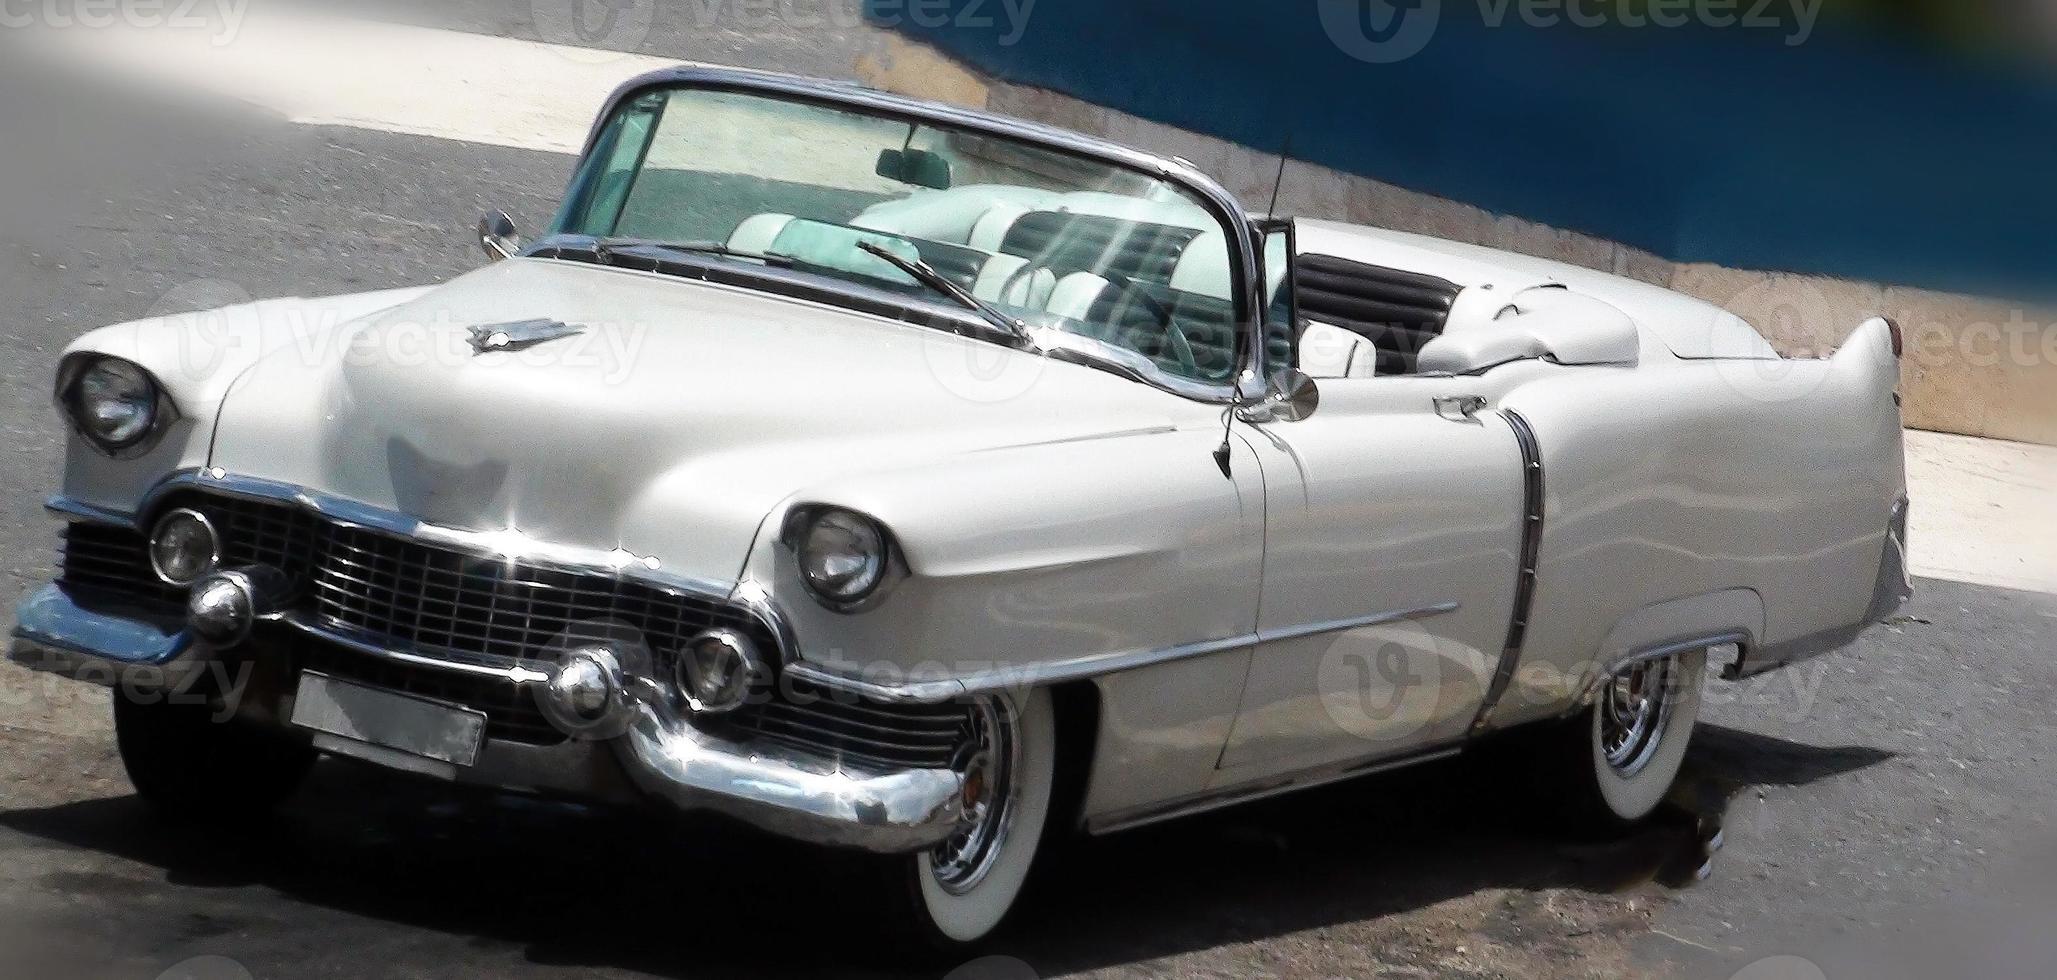 vista do lindo carro antigo clássico conversível foto